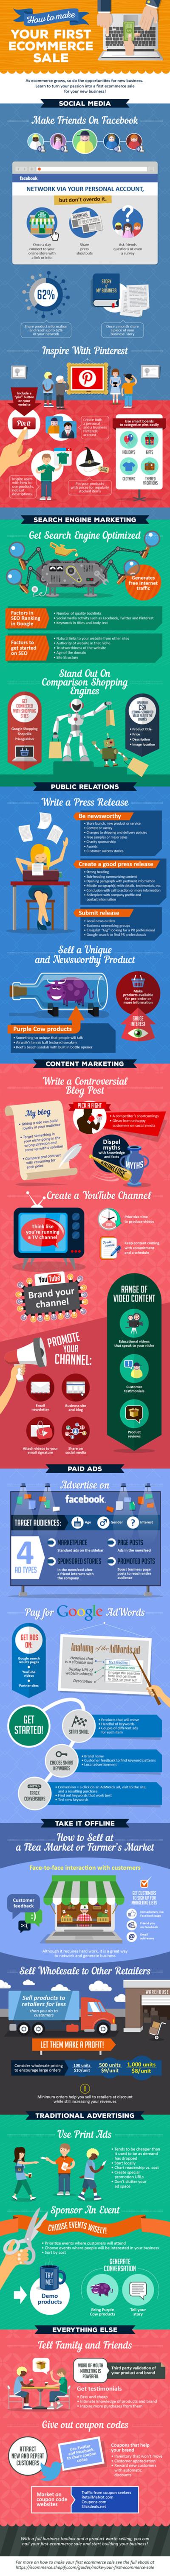 primeras ventas ecommerce infografía